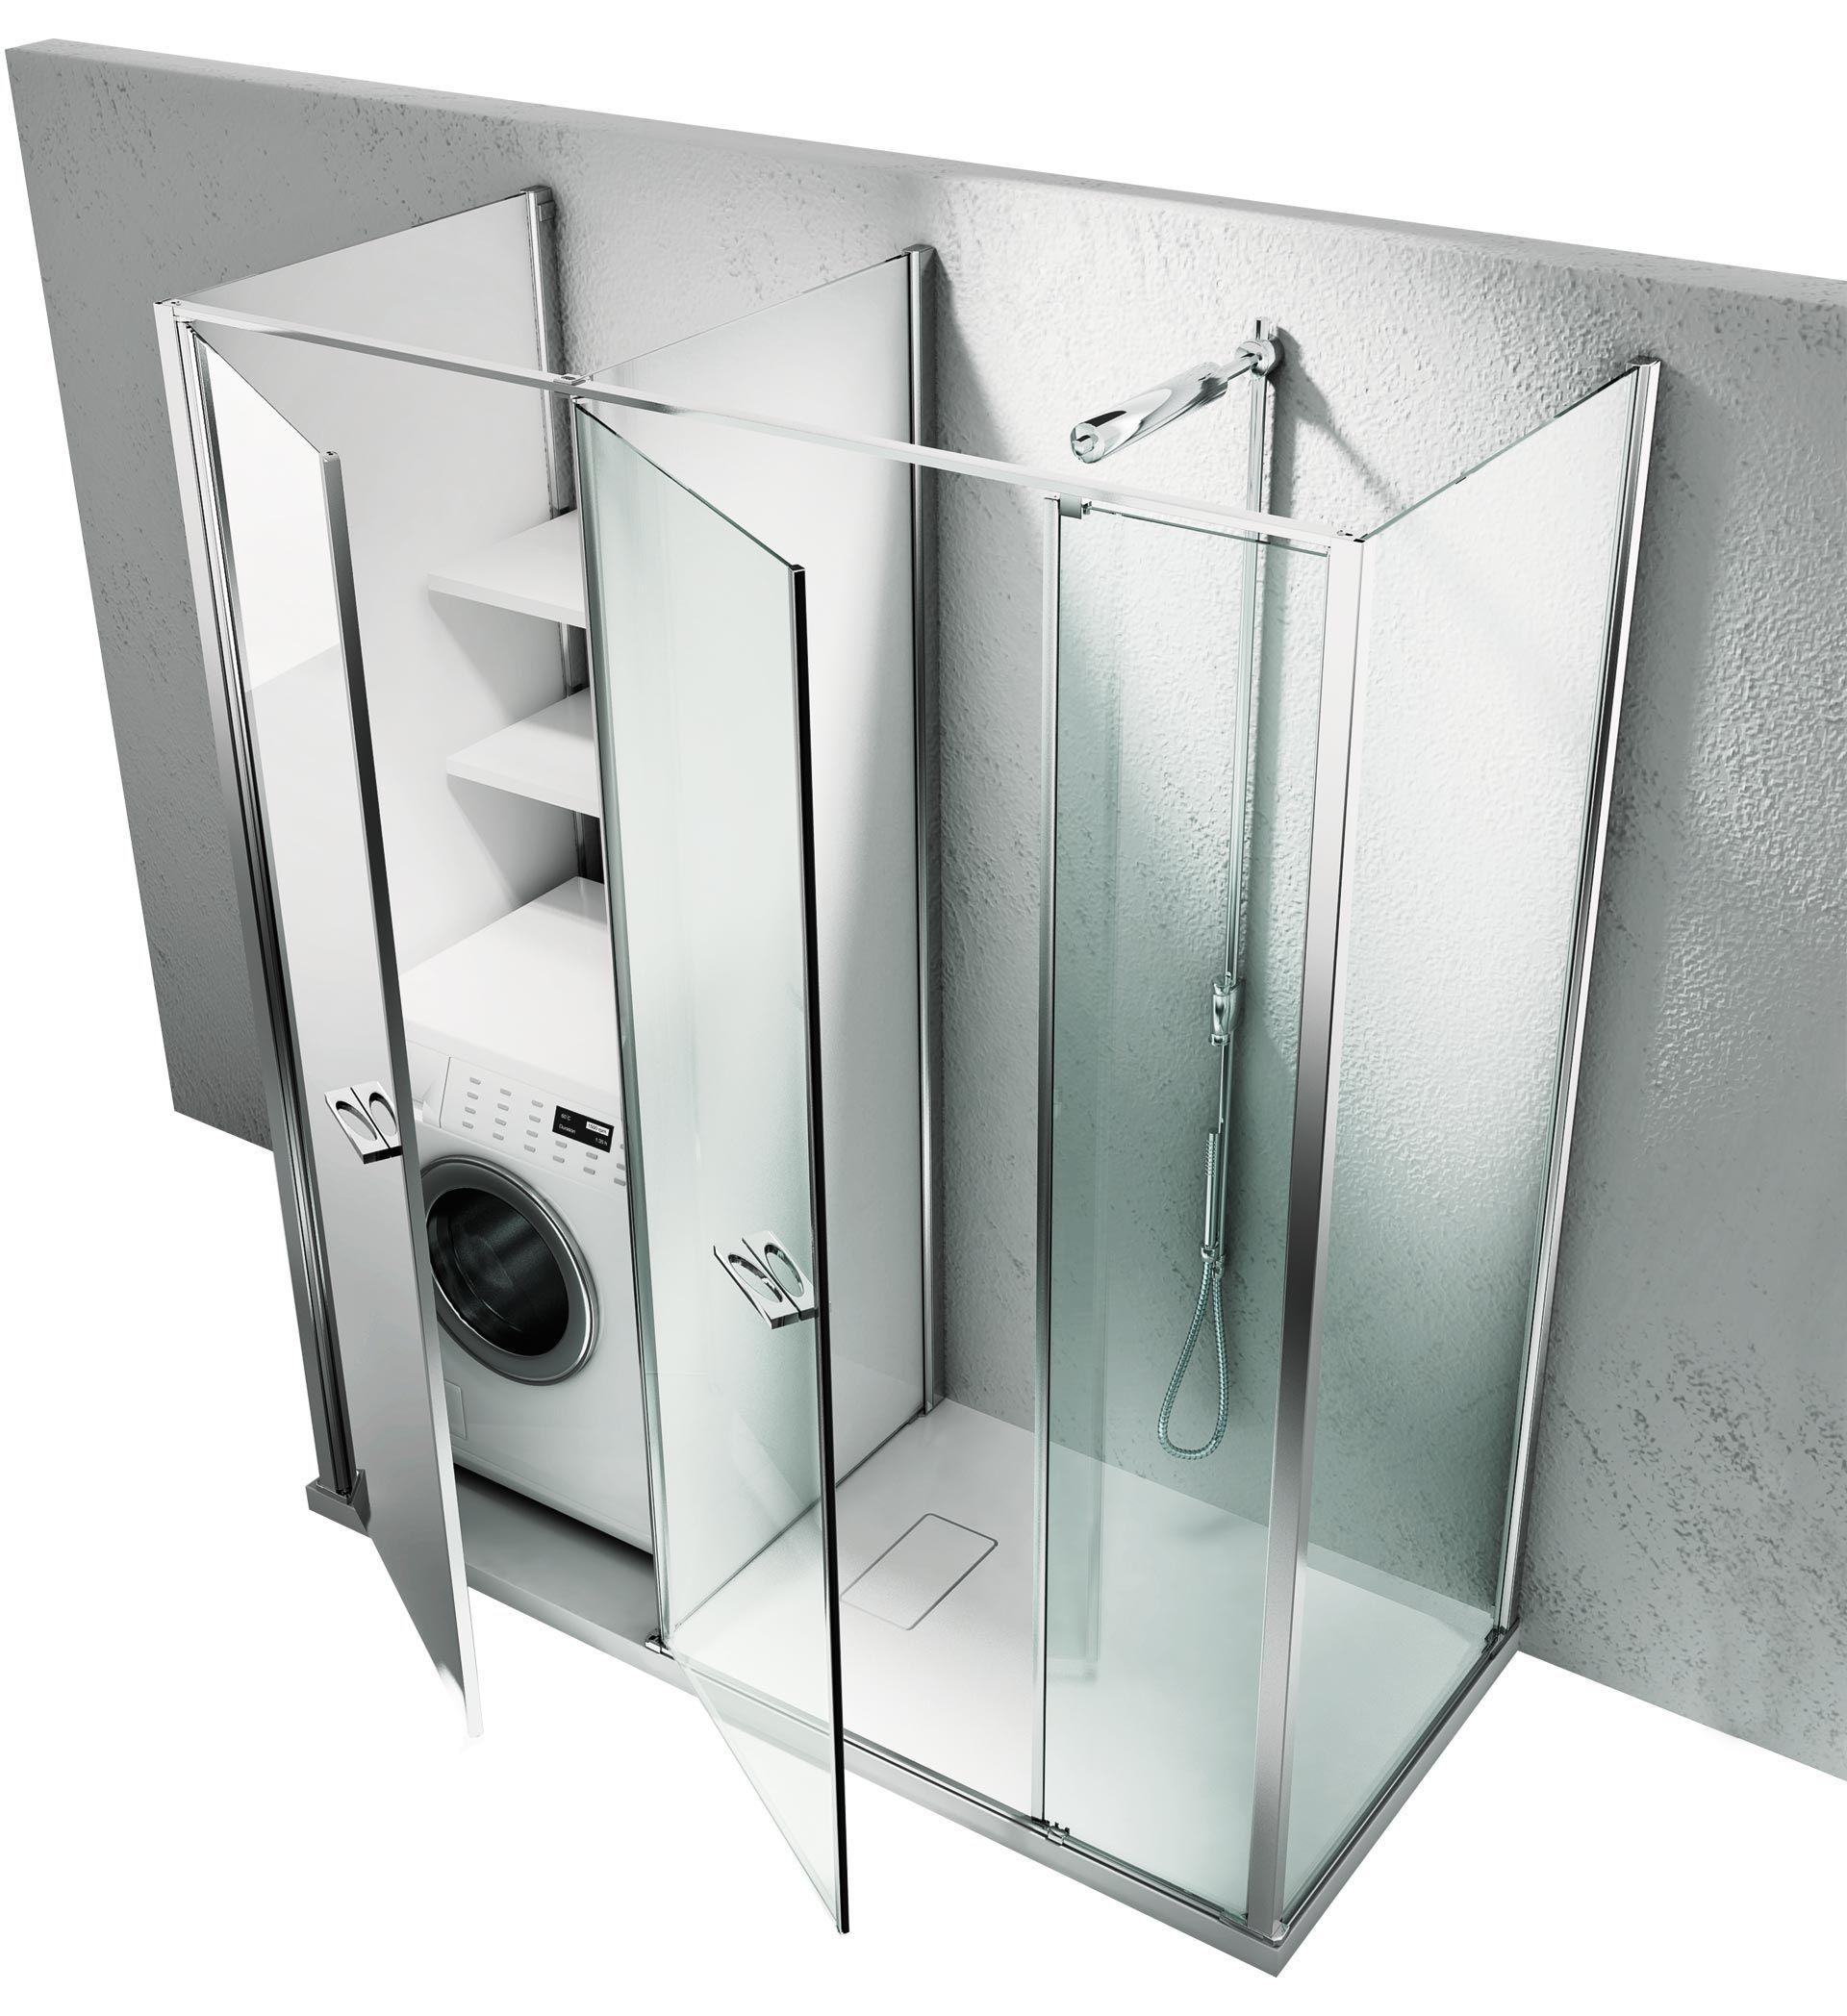 Twin collection by Vismaravetro spazioutile doccia